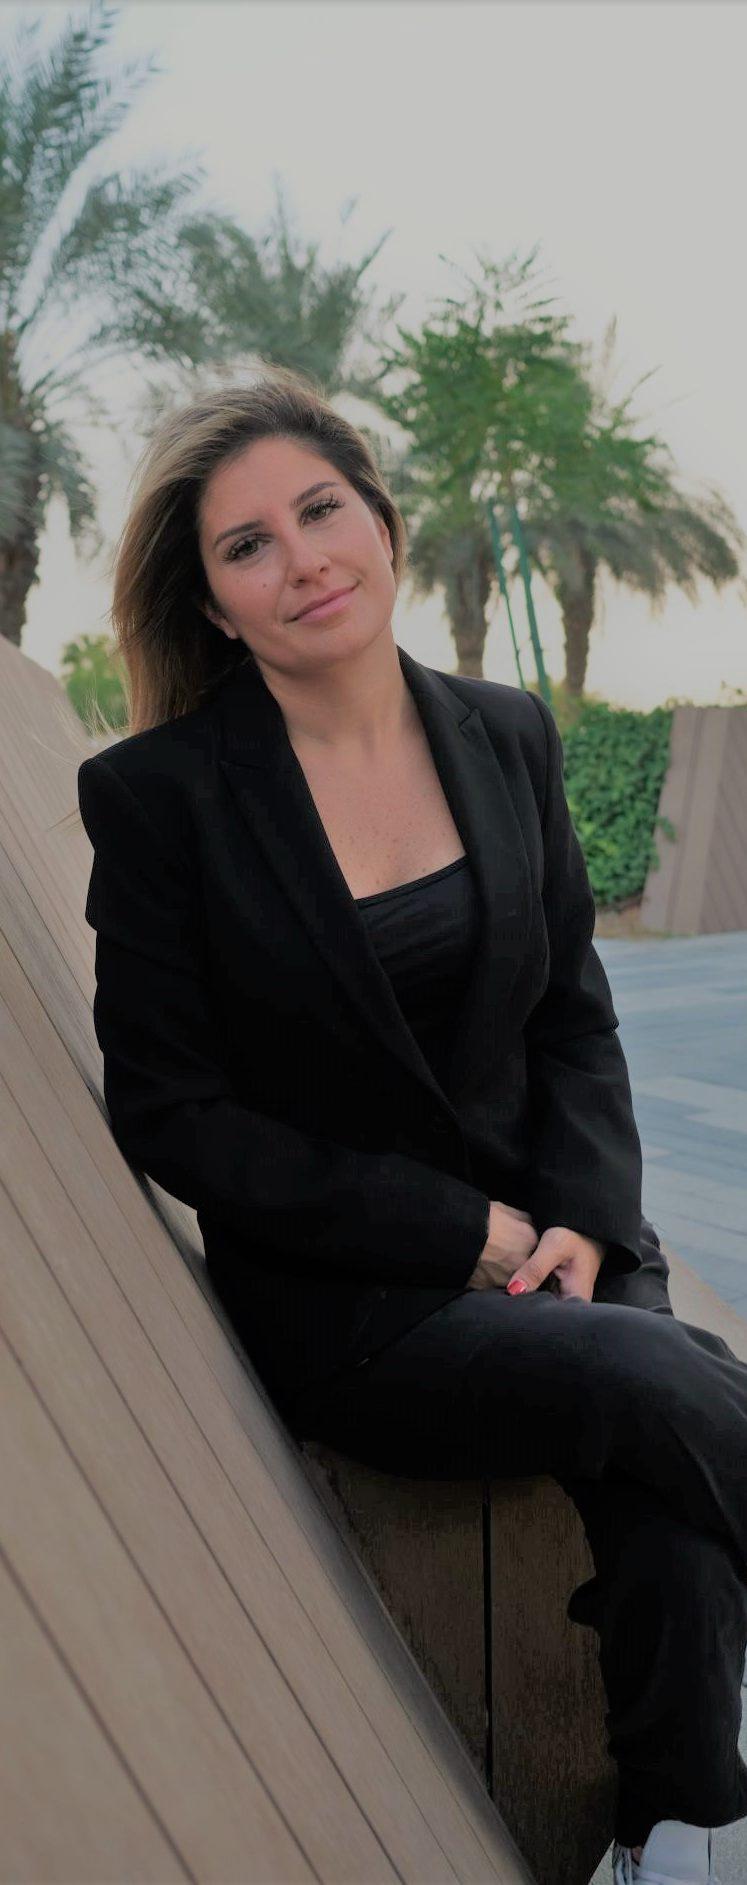 سوزيت ليون تتحدث عن قصة نجاحها وتسعى لتمكين الشباب في الإمارات